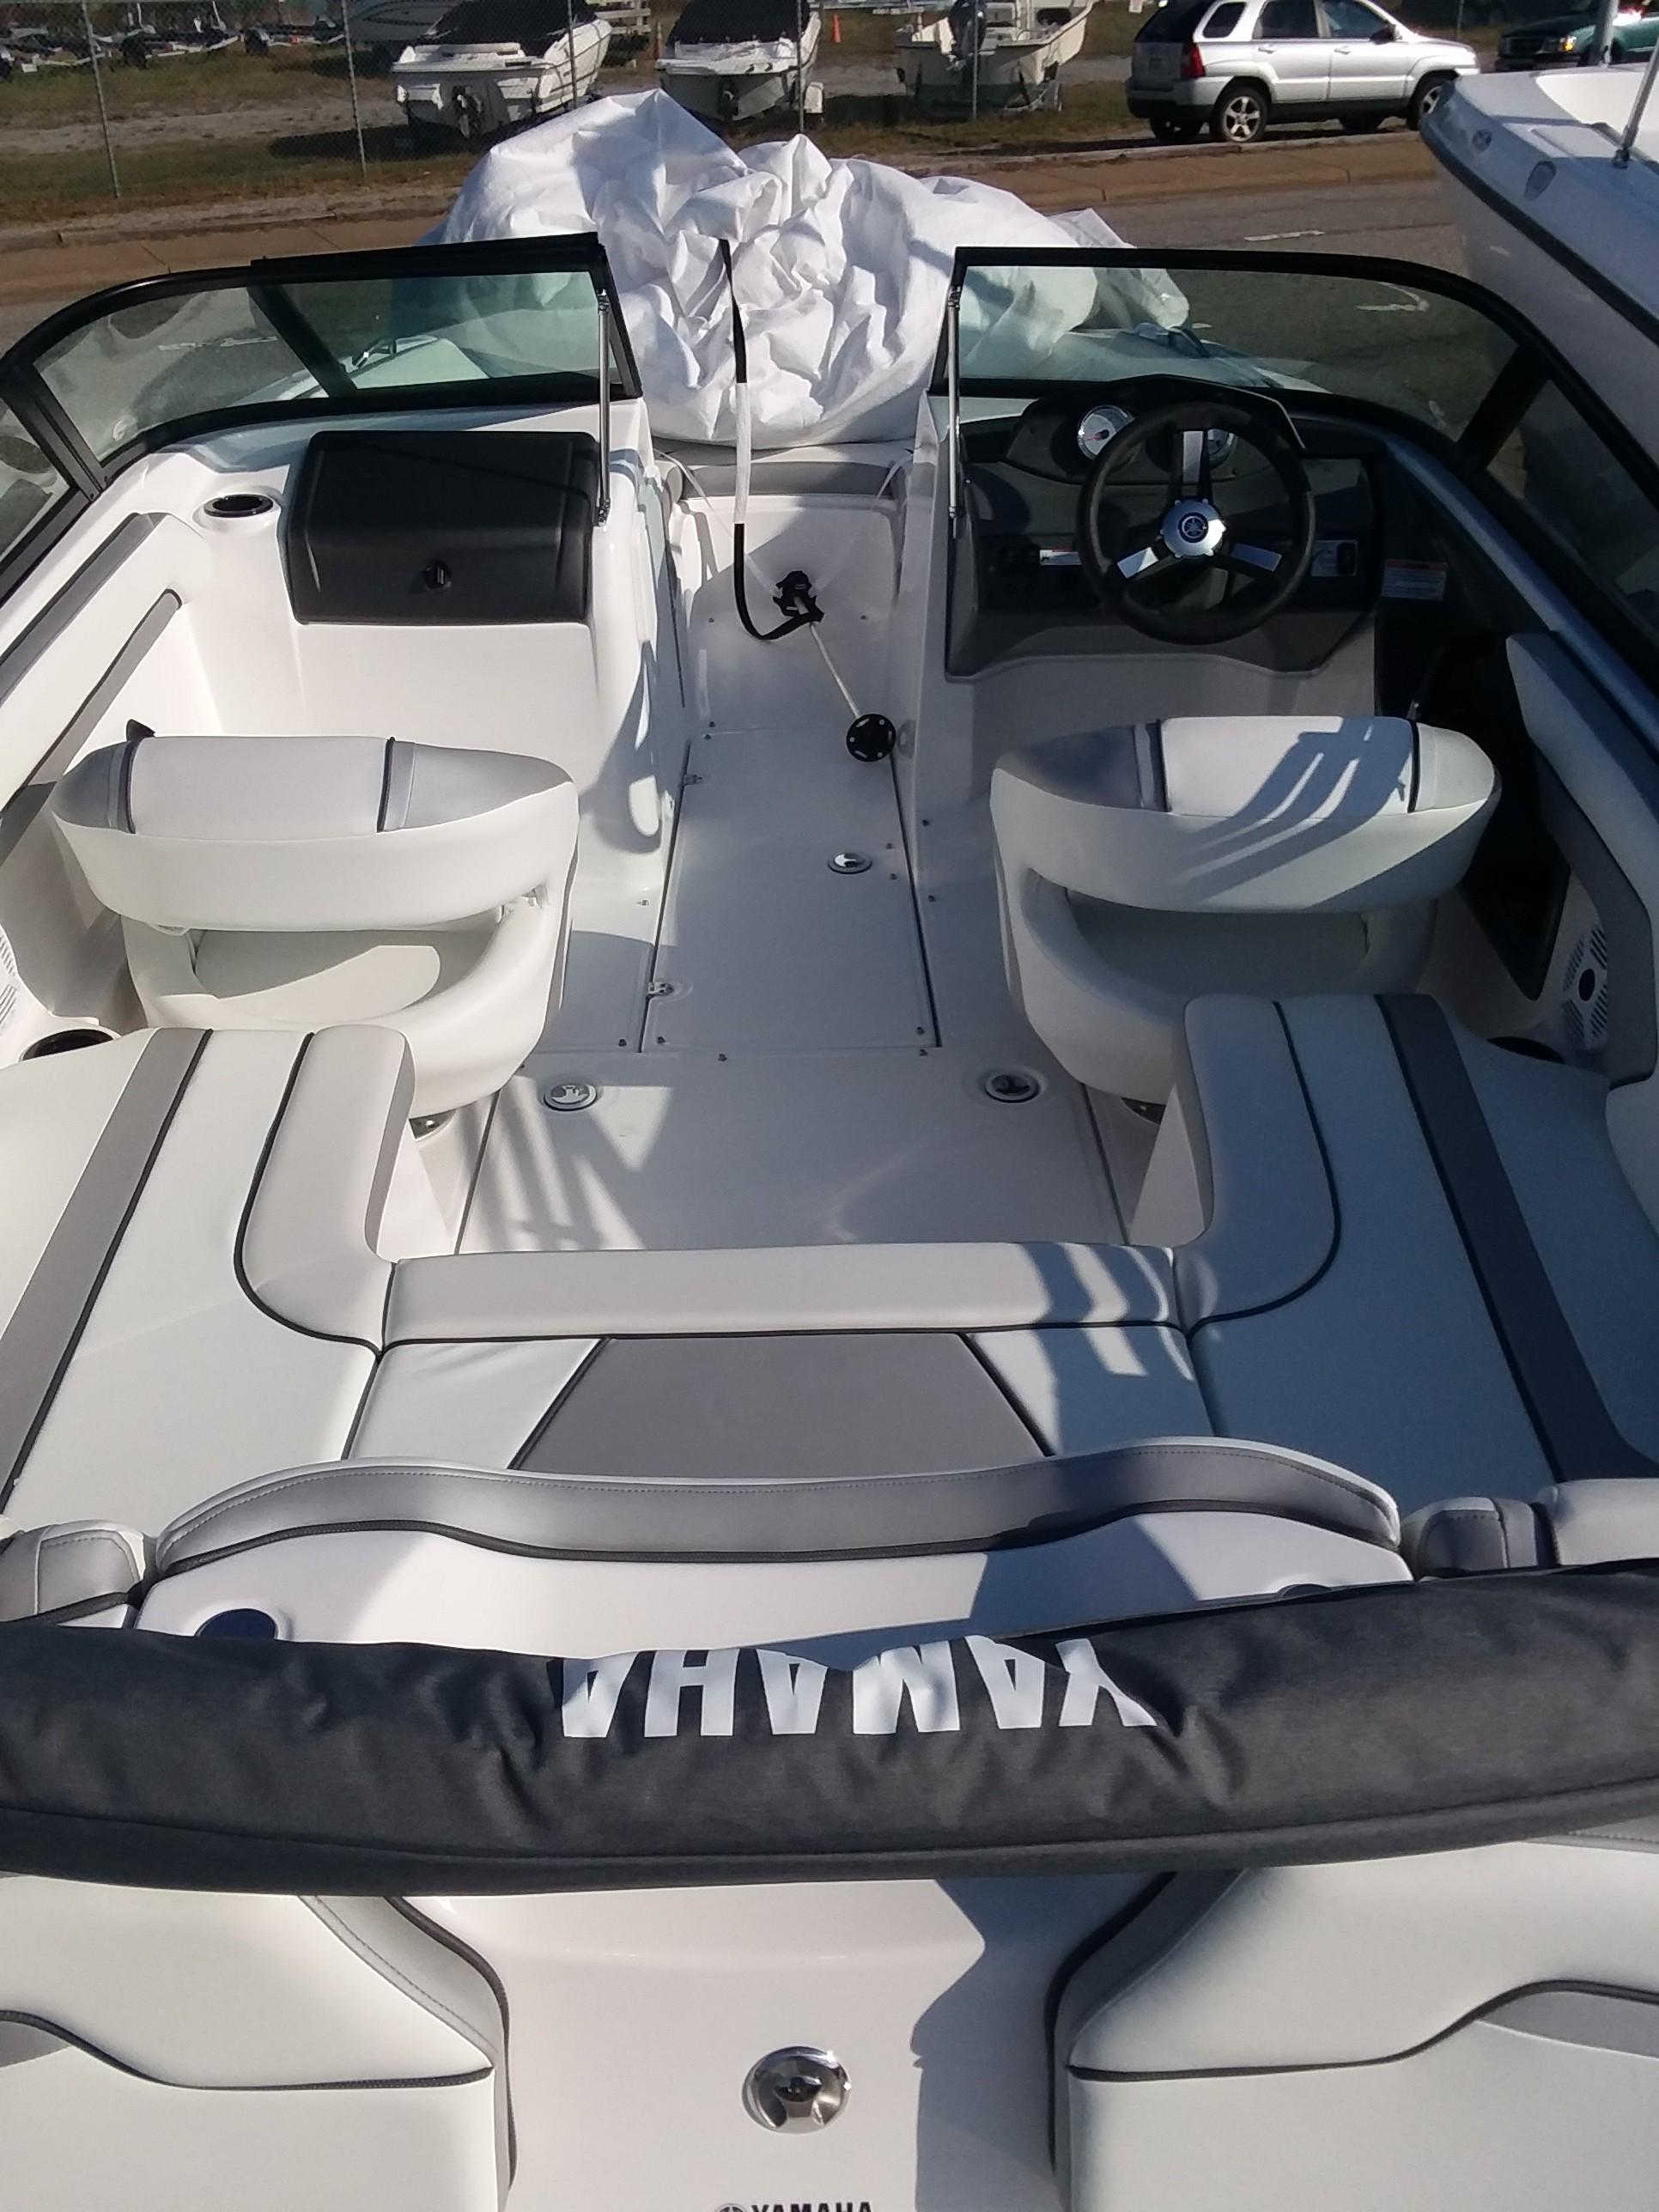 YamahaSX190